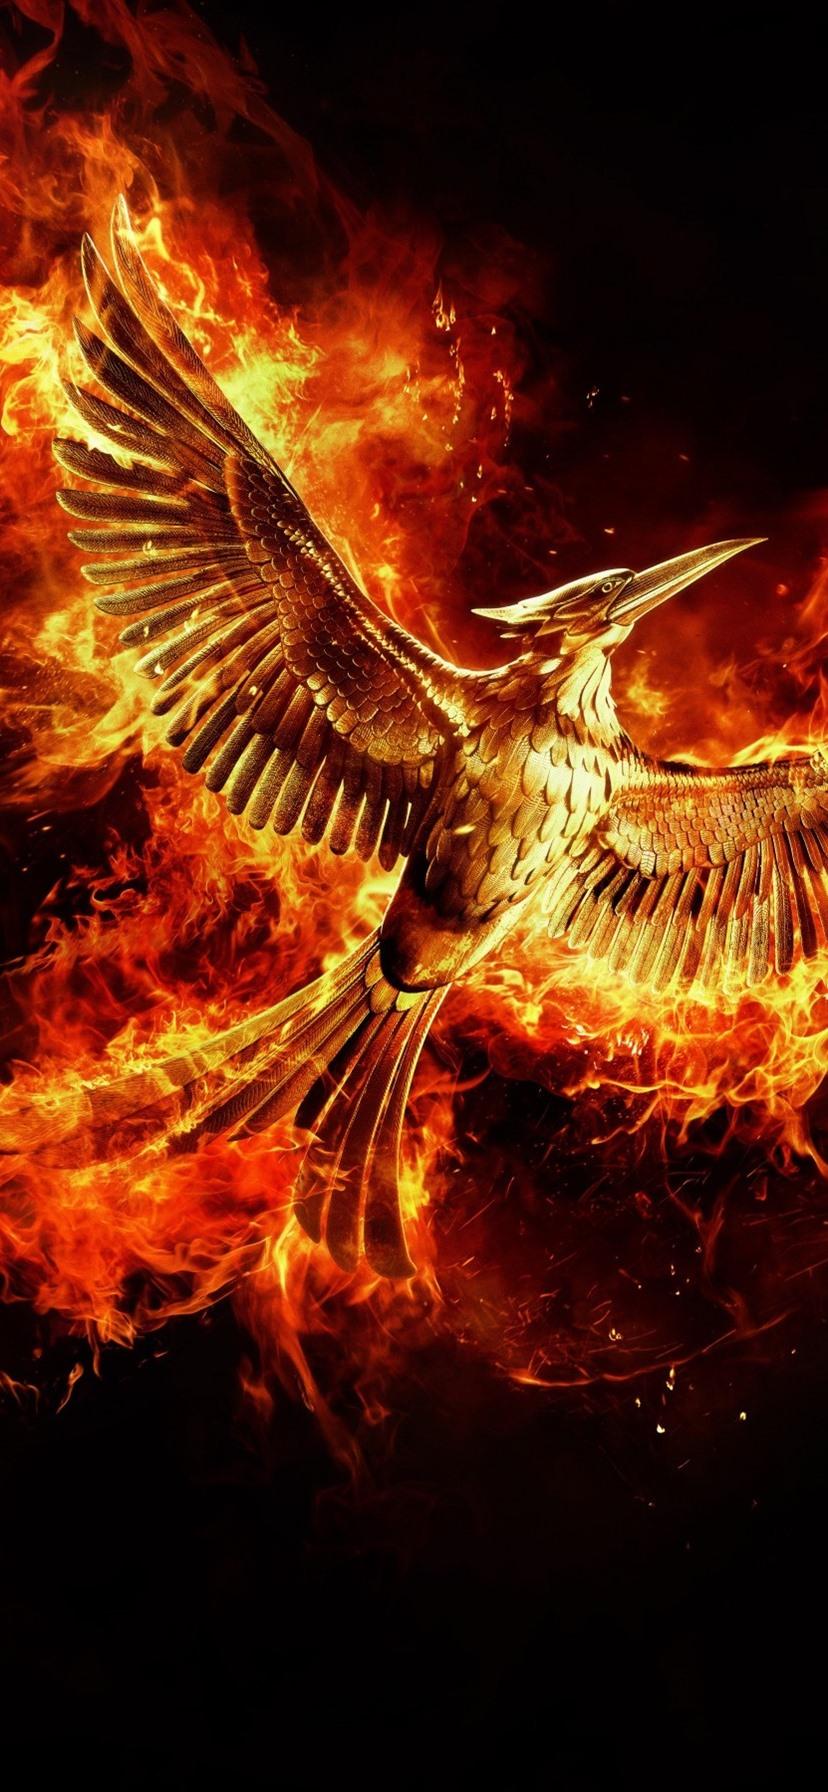 Beautiful Phoenix Wings Flight Fire Black Background